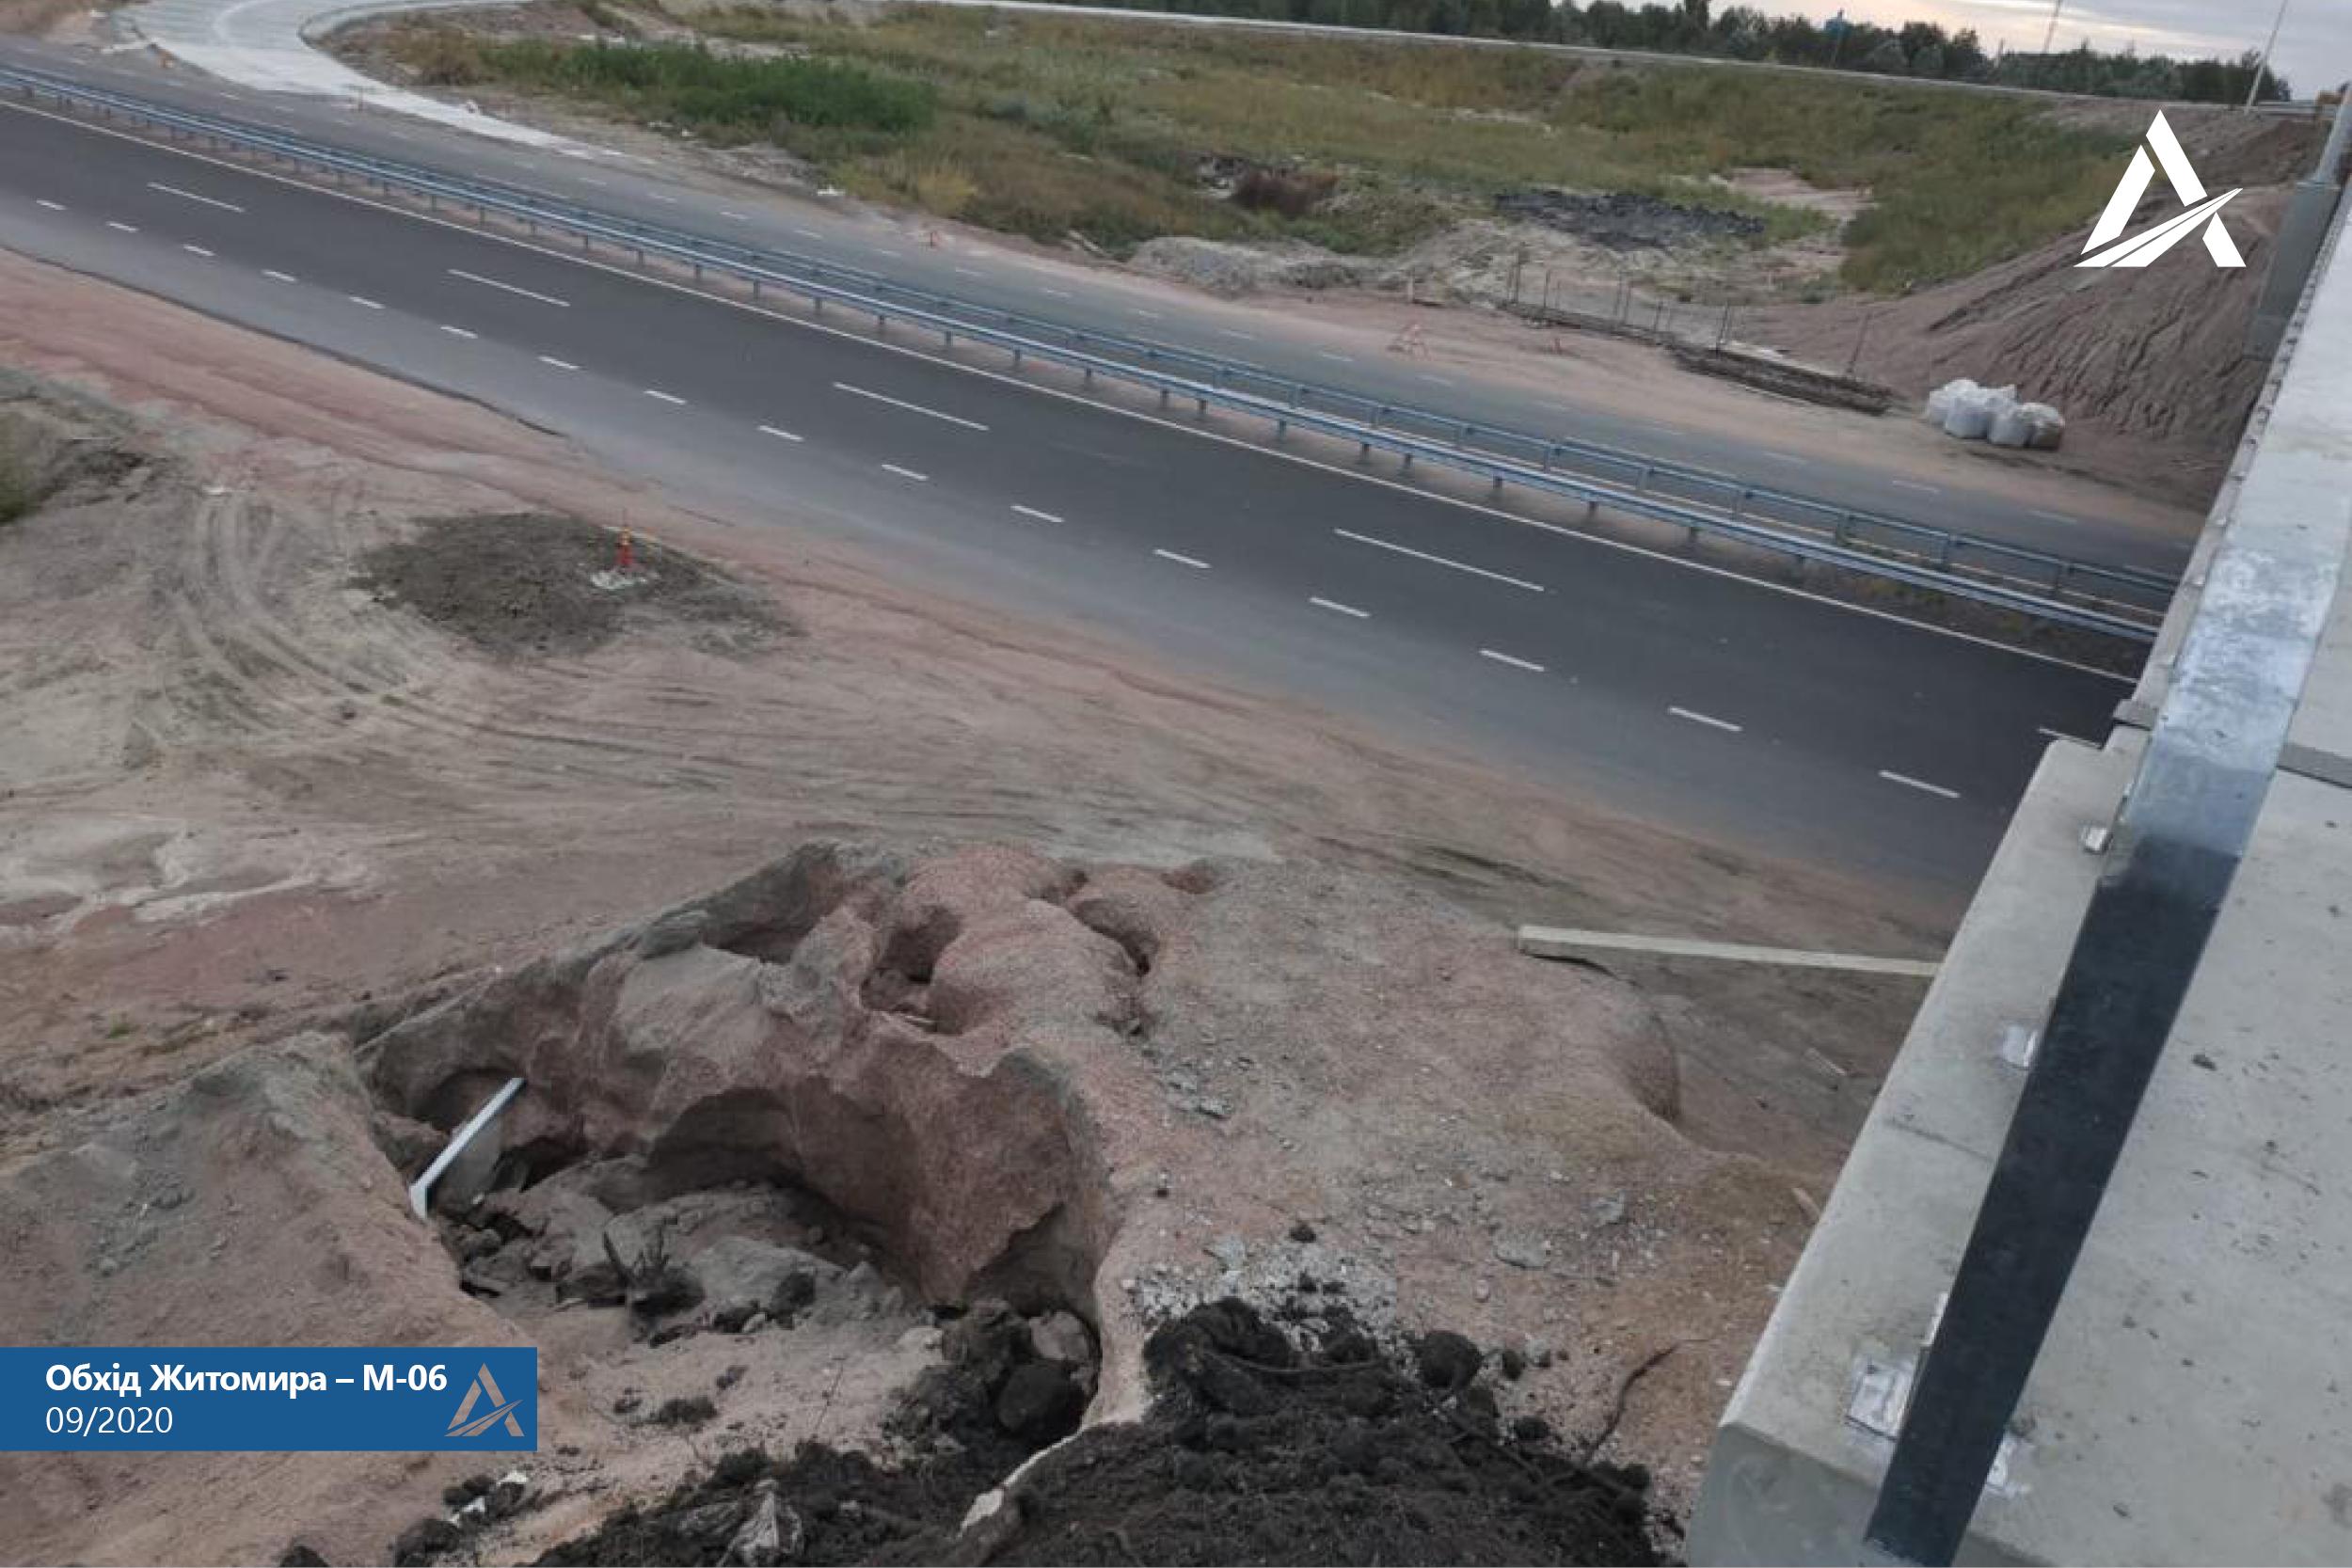 Укравтодор заявив про розірвання контракту з китайським підрядником, який ремонтував дорогу в обхід Житомира